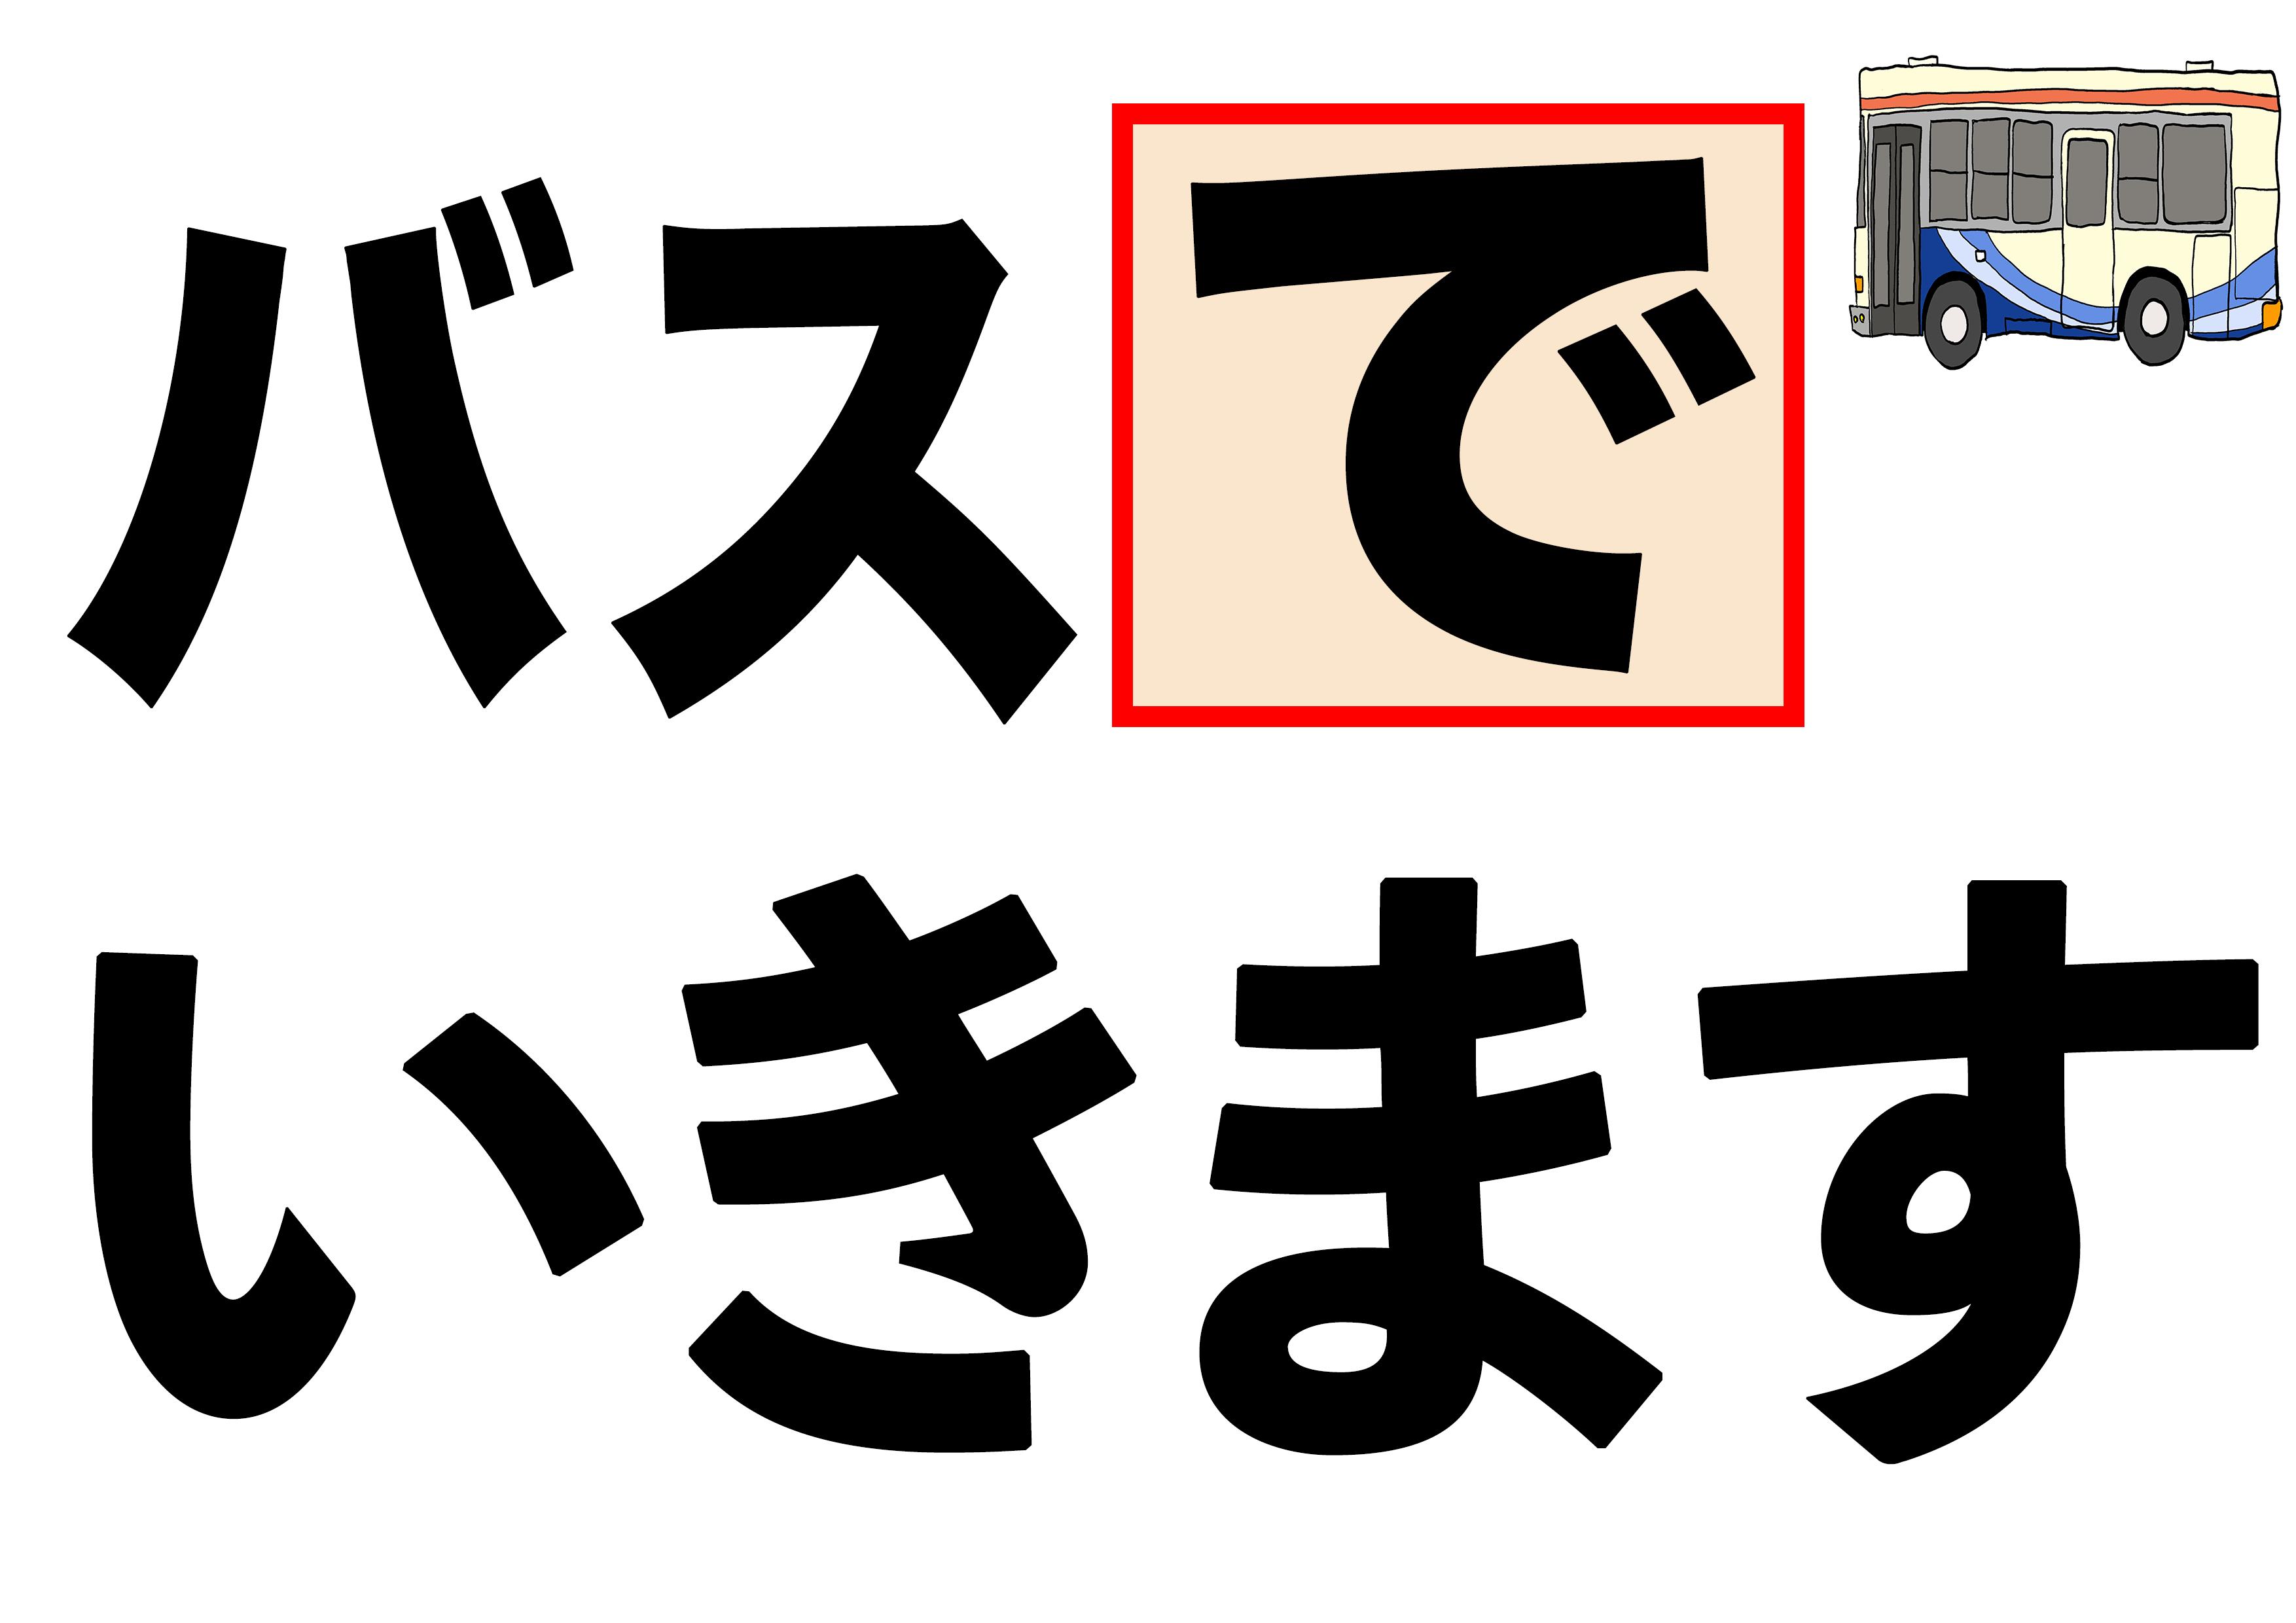 5課文字カード【バスで行きます】